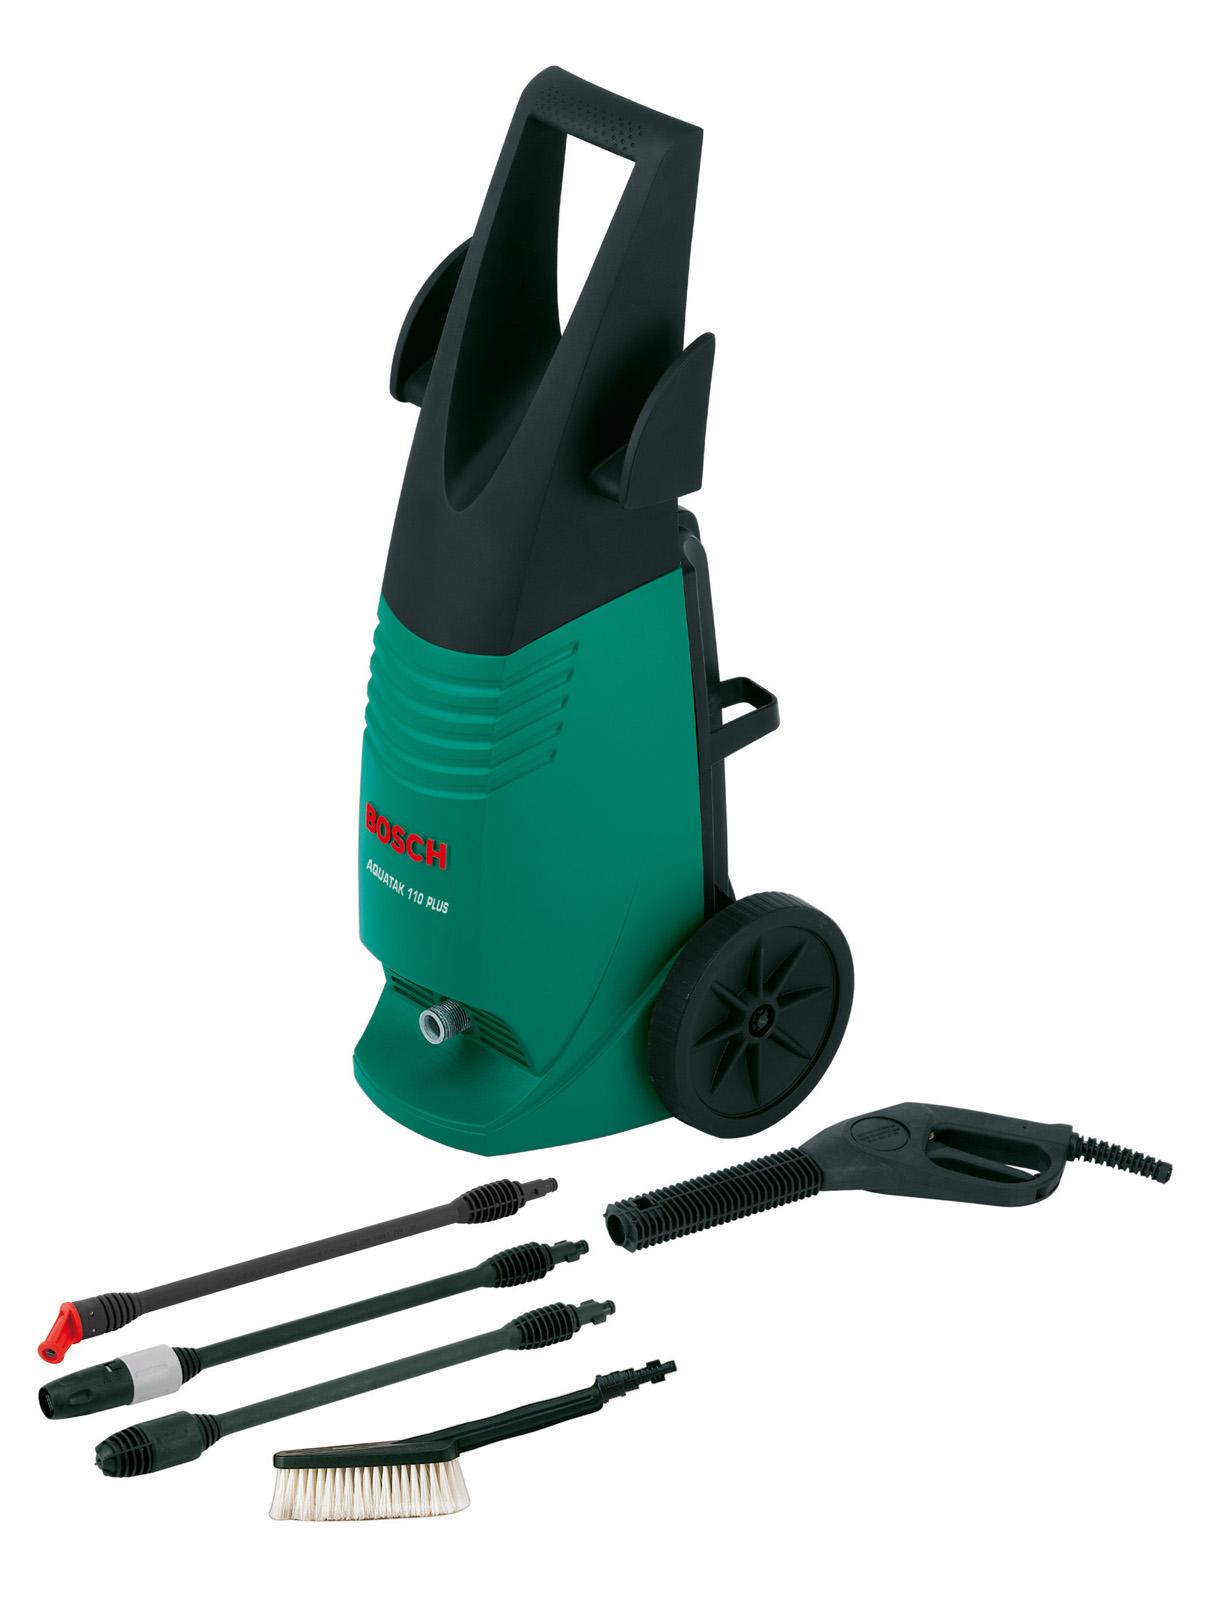 Мойка высокого давления Bosch Aquatak 110 plus - это выгодное решение. Потому что купить товары марки Bosch - это выгодно и недорого.